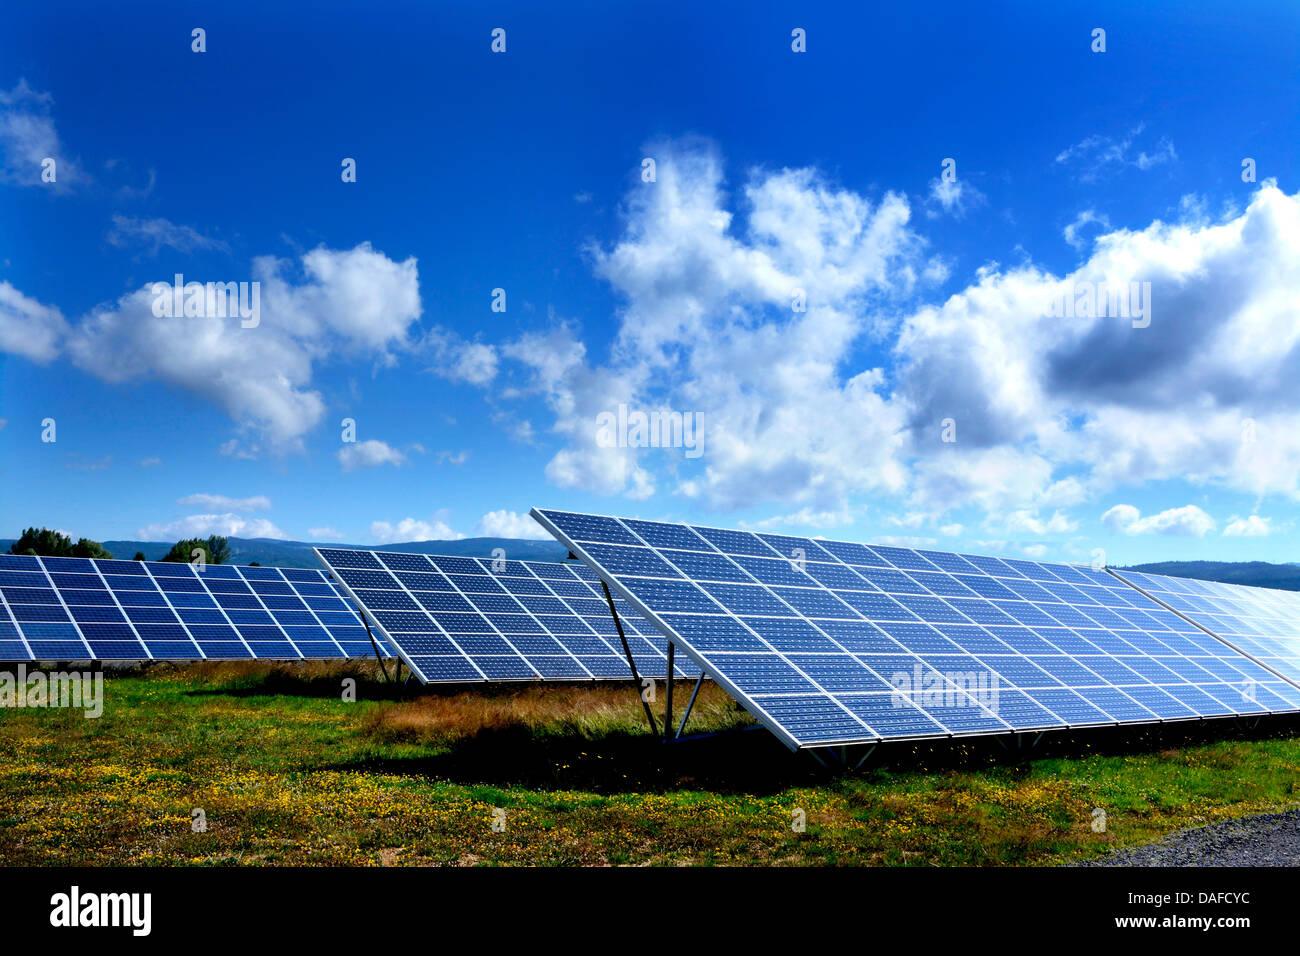 Panneaux solaires pour produire de l'énergie renouvelable dans un grand tableau à la ferme solaire. Photo Stock